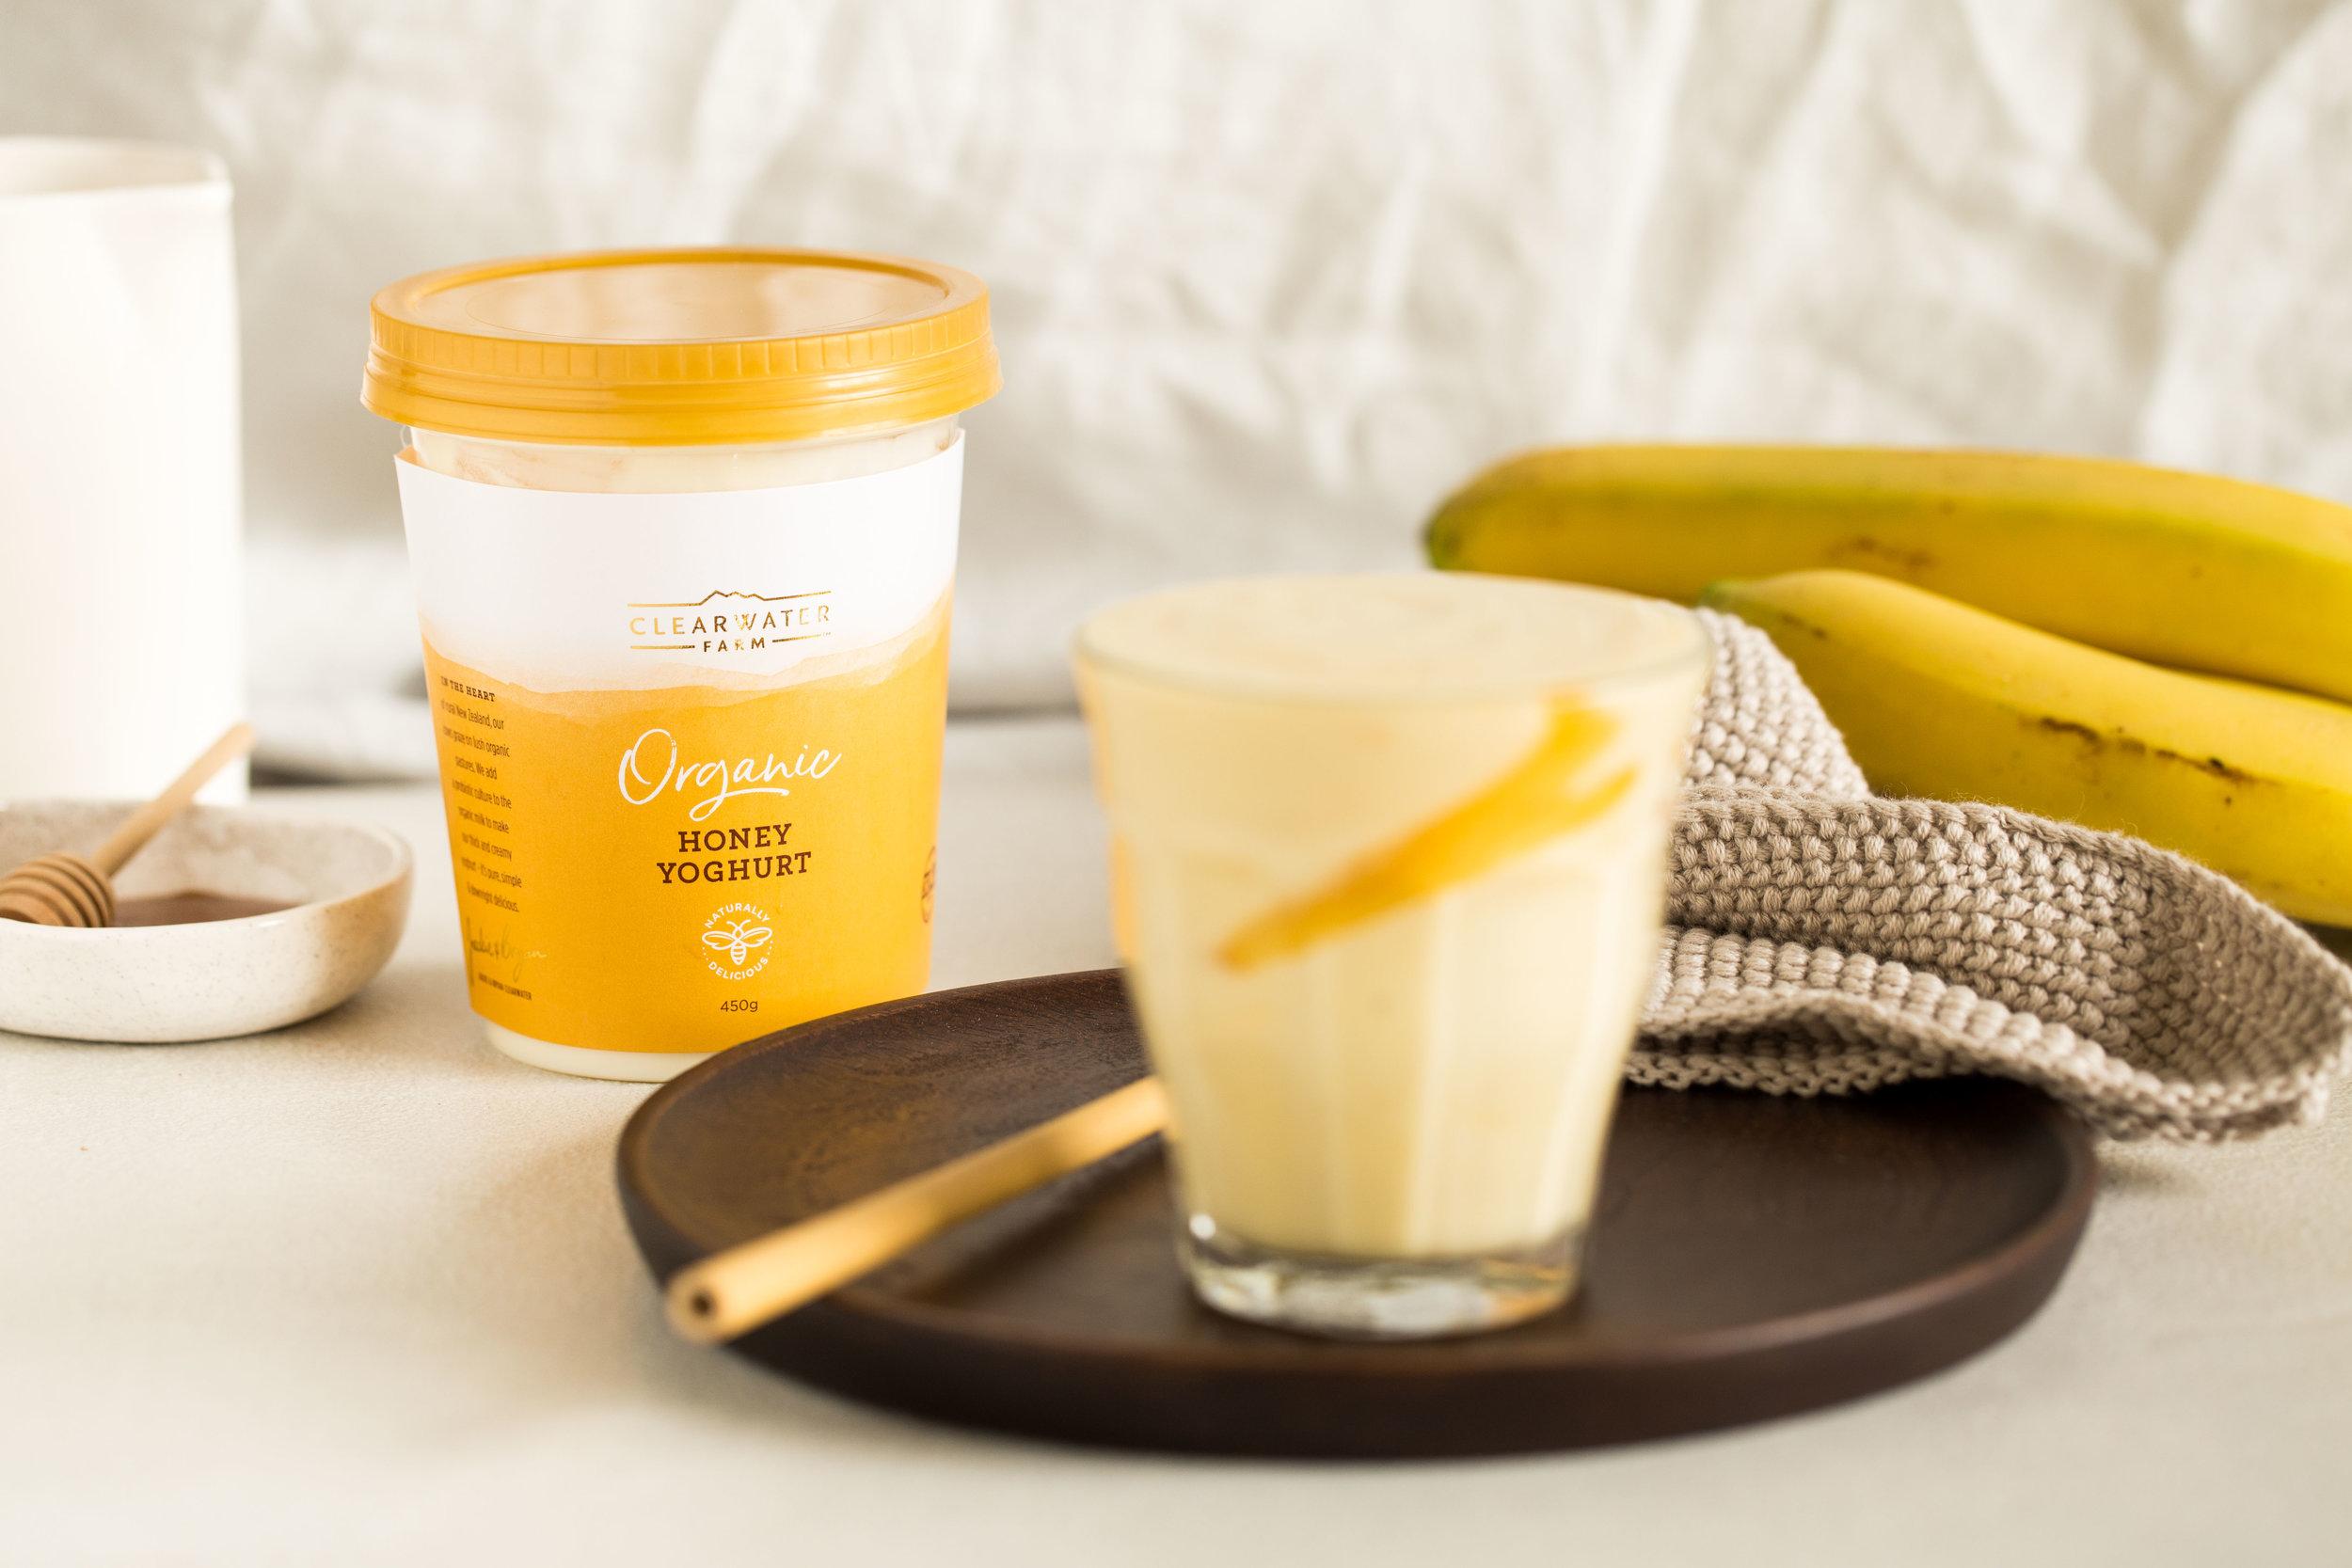 Clearwaters-Organic-Honey-Yoghurt.jpg